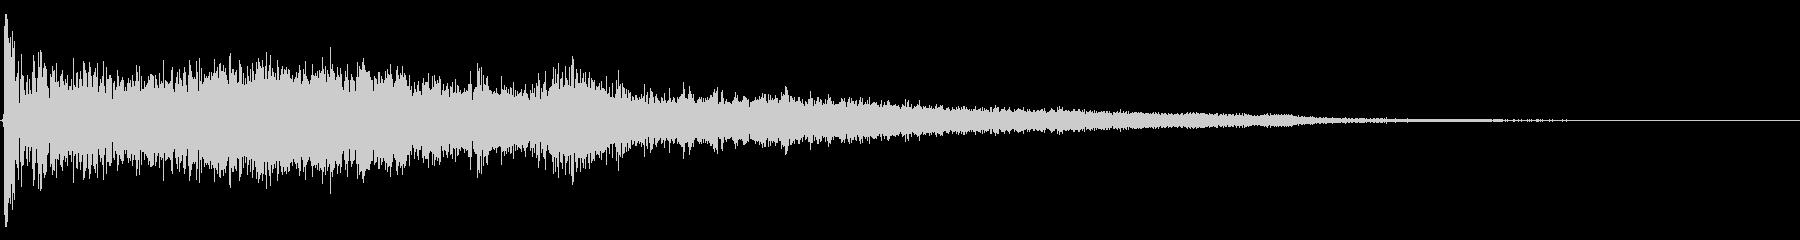 ハードインパクトジッパースイープ2の未再生の波形